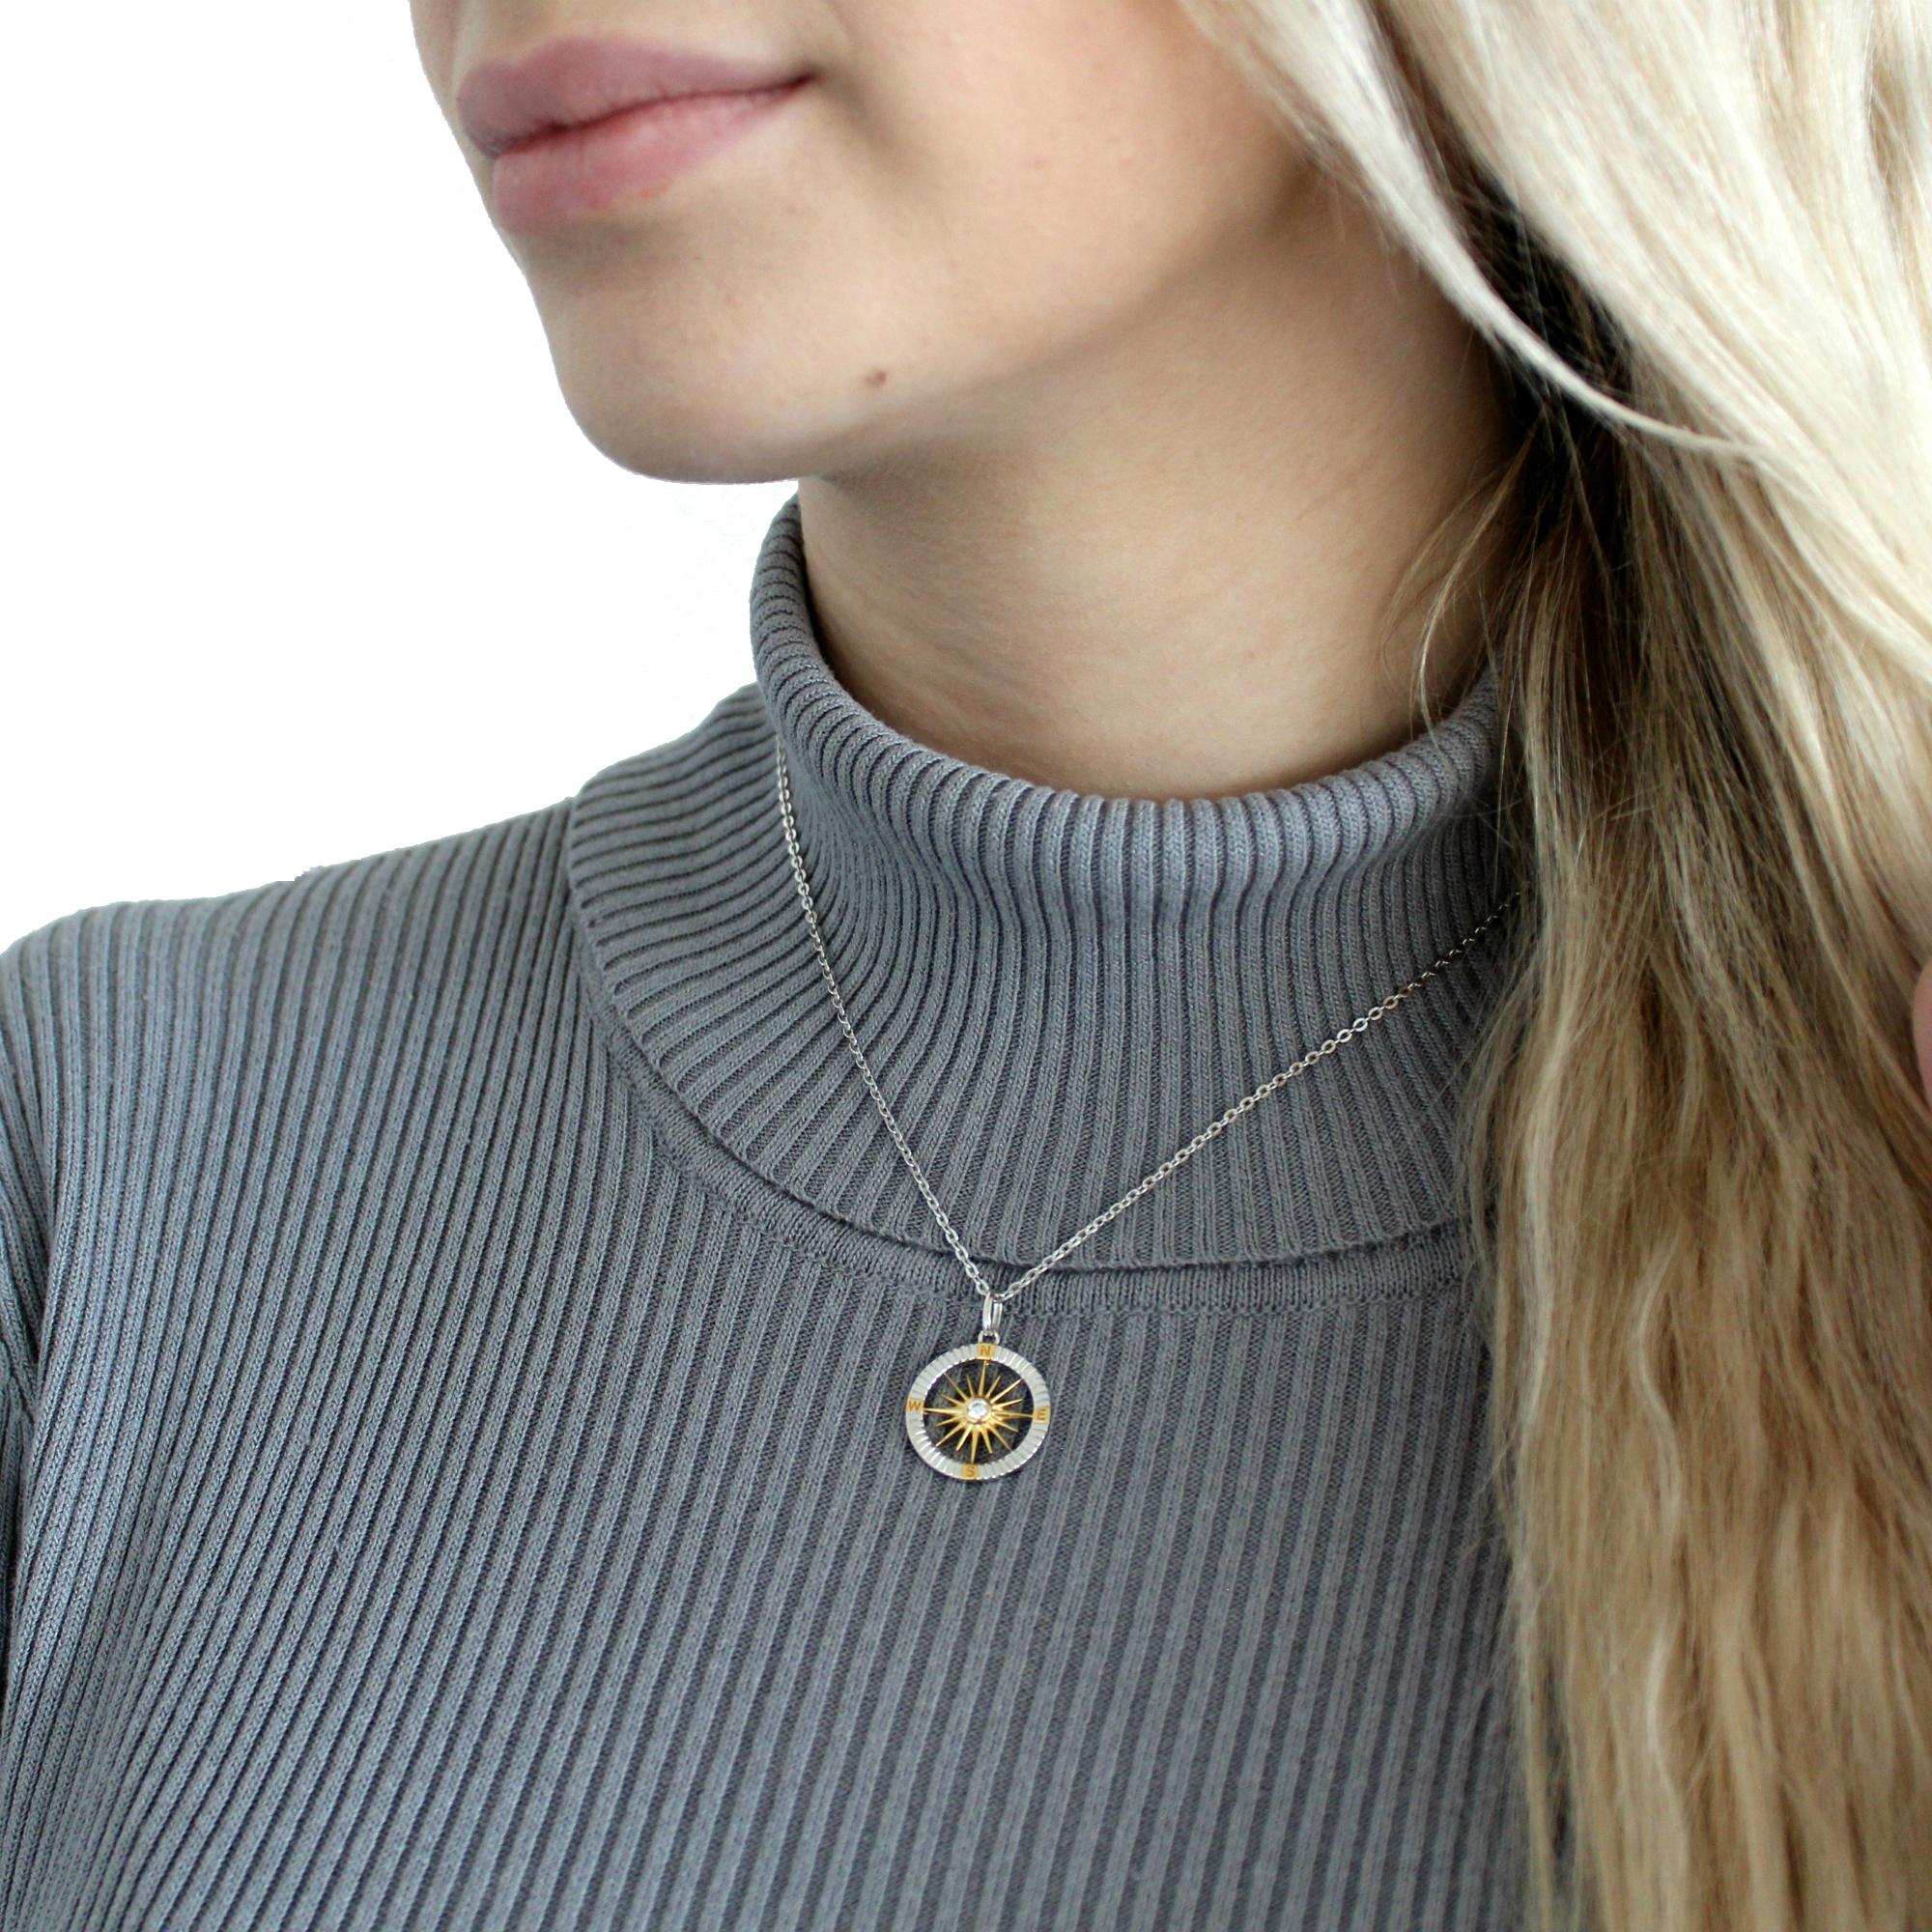 Kette mit Anhänger für Damen, Silber 925 teil-vergoldet | Kompass